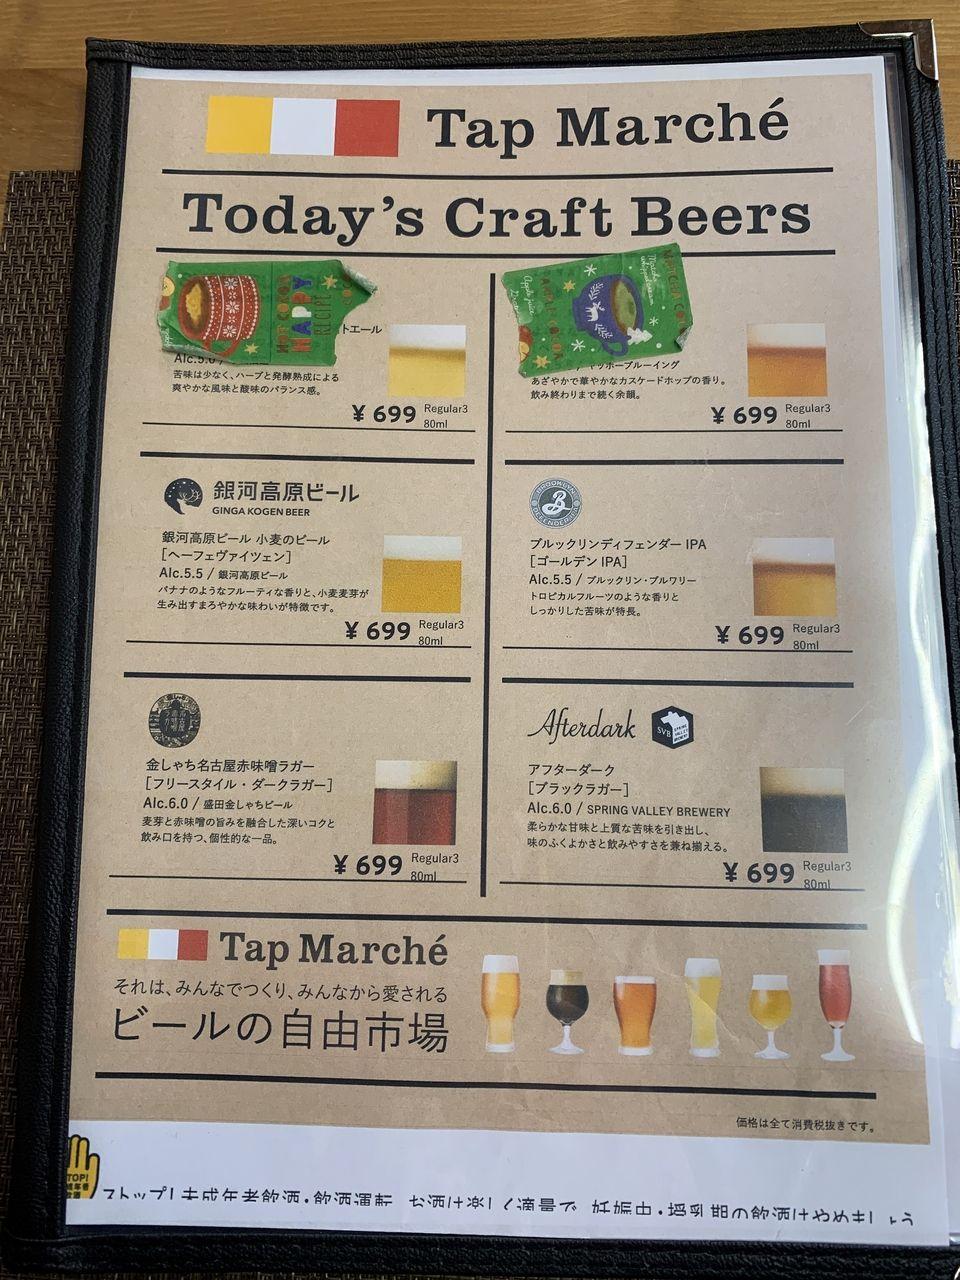 【三郷市食べ歩きブログ】三郷市早稲田1丁目にある「カフェプク(Cafe puku)」に行ってきました!